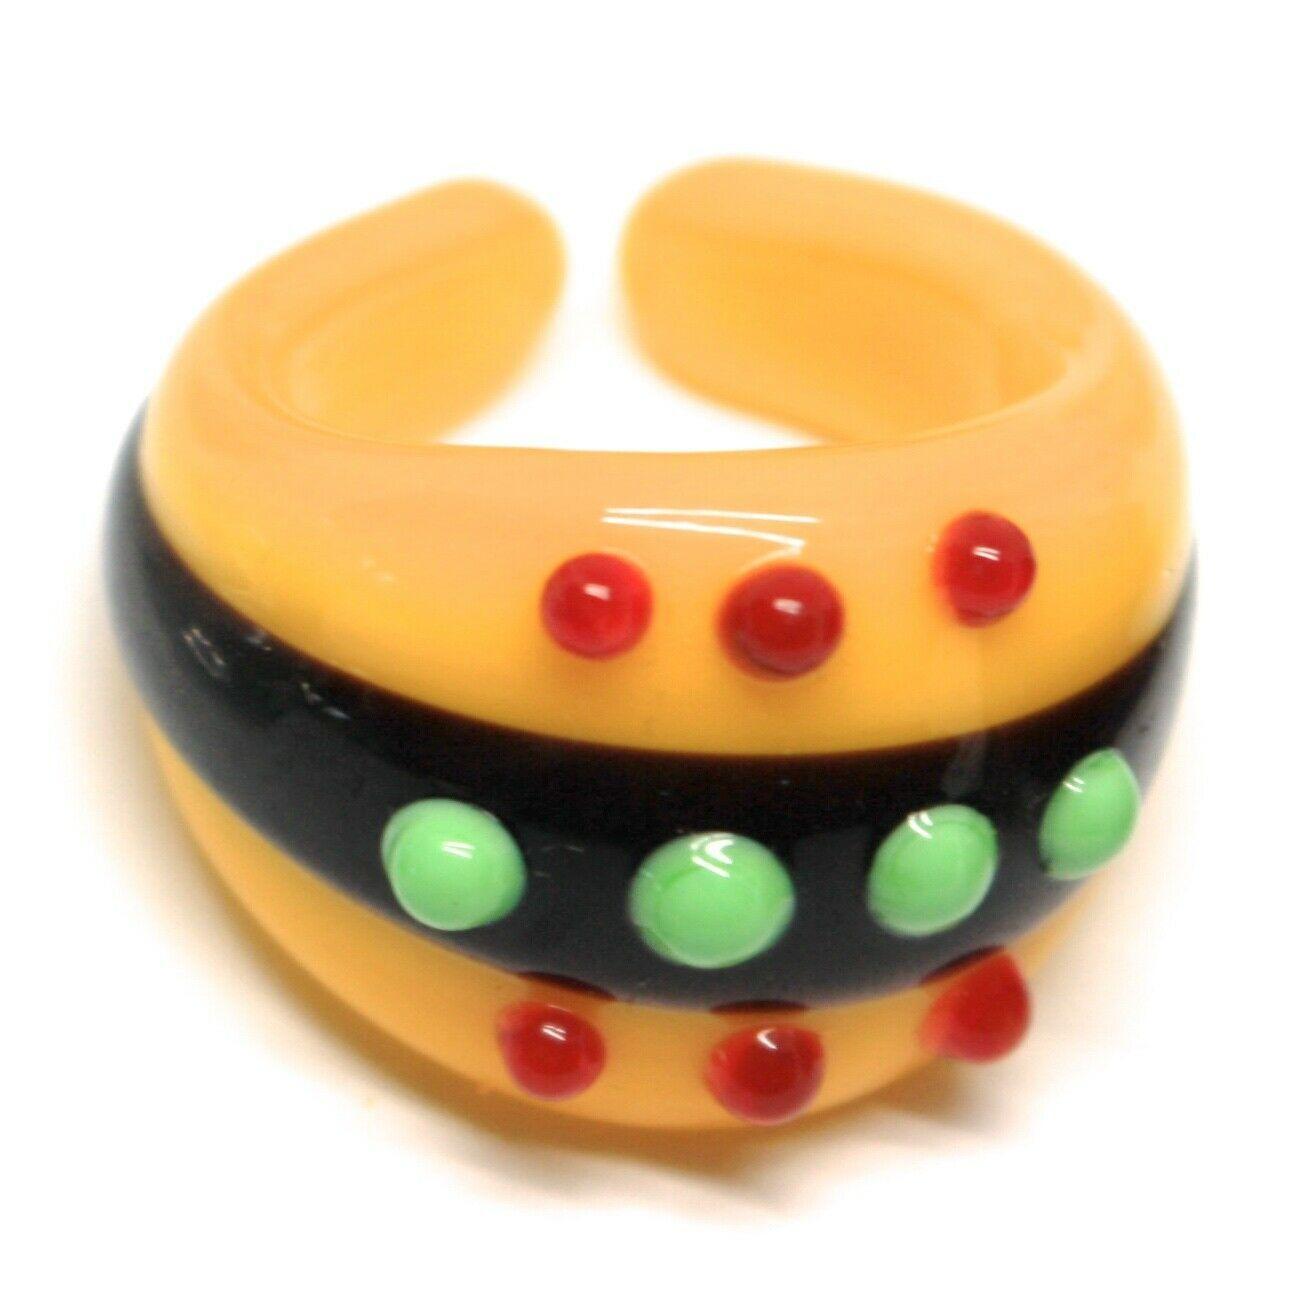 Ring Antica Murrina, Murano Glass, Black, Yellow, Three Row, Polka dot Embossed